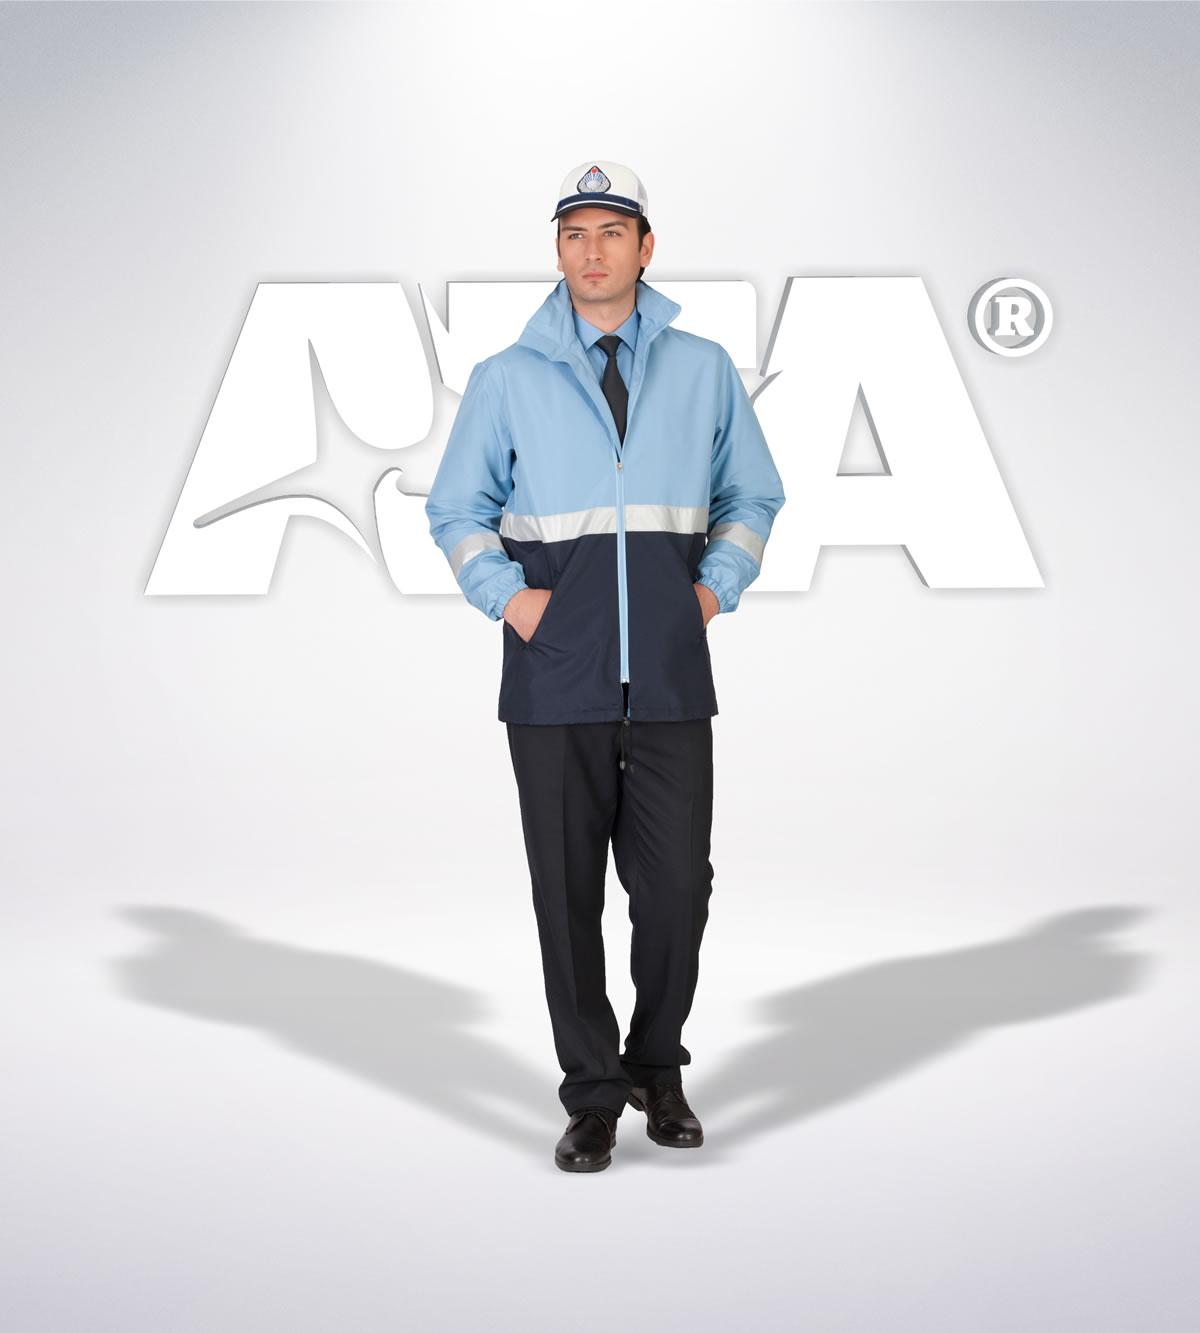 ATA 218 - ön - Pantolon kışlık - yagmurluk - aksesuar - zabıta elbiseleri | zabıta üniformaları | zabıta kıyafetleri